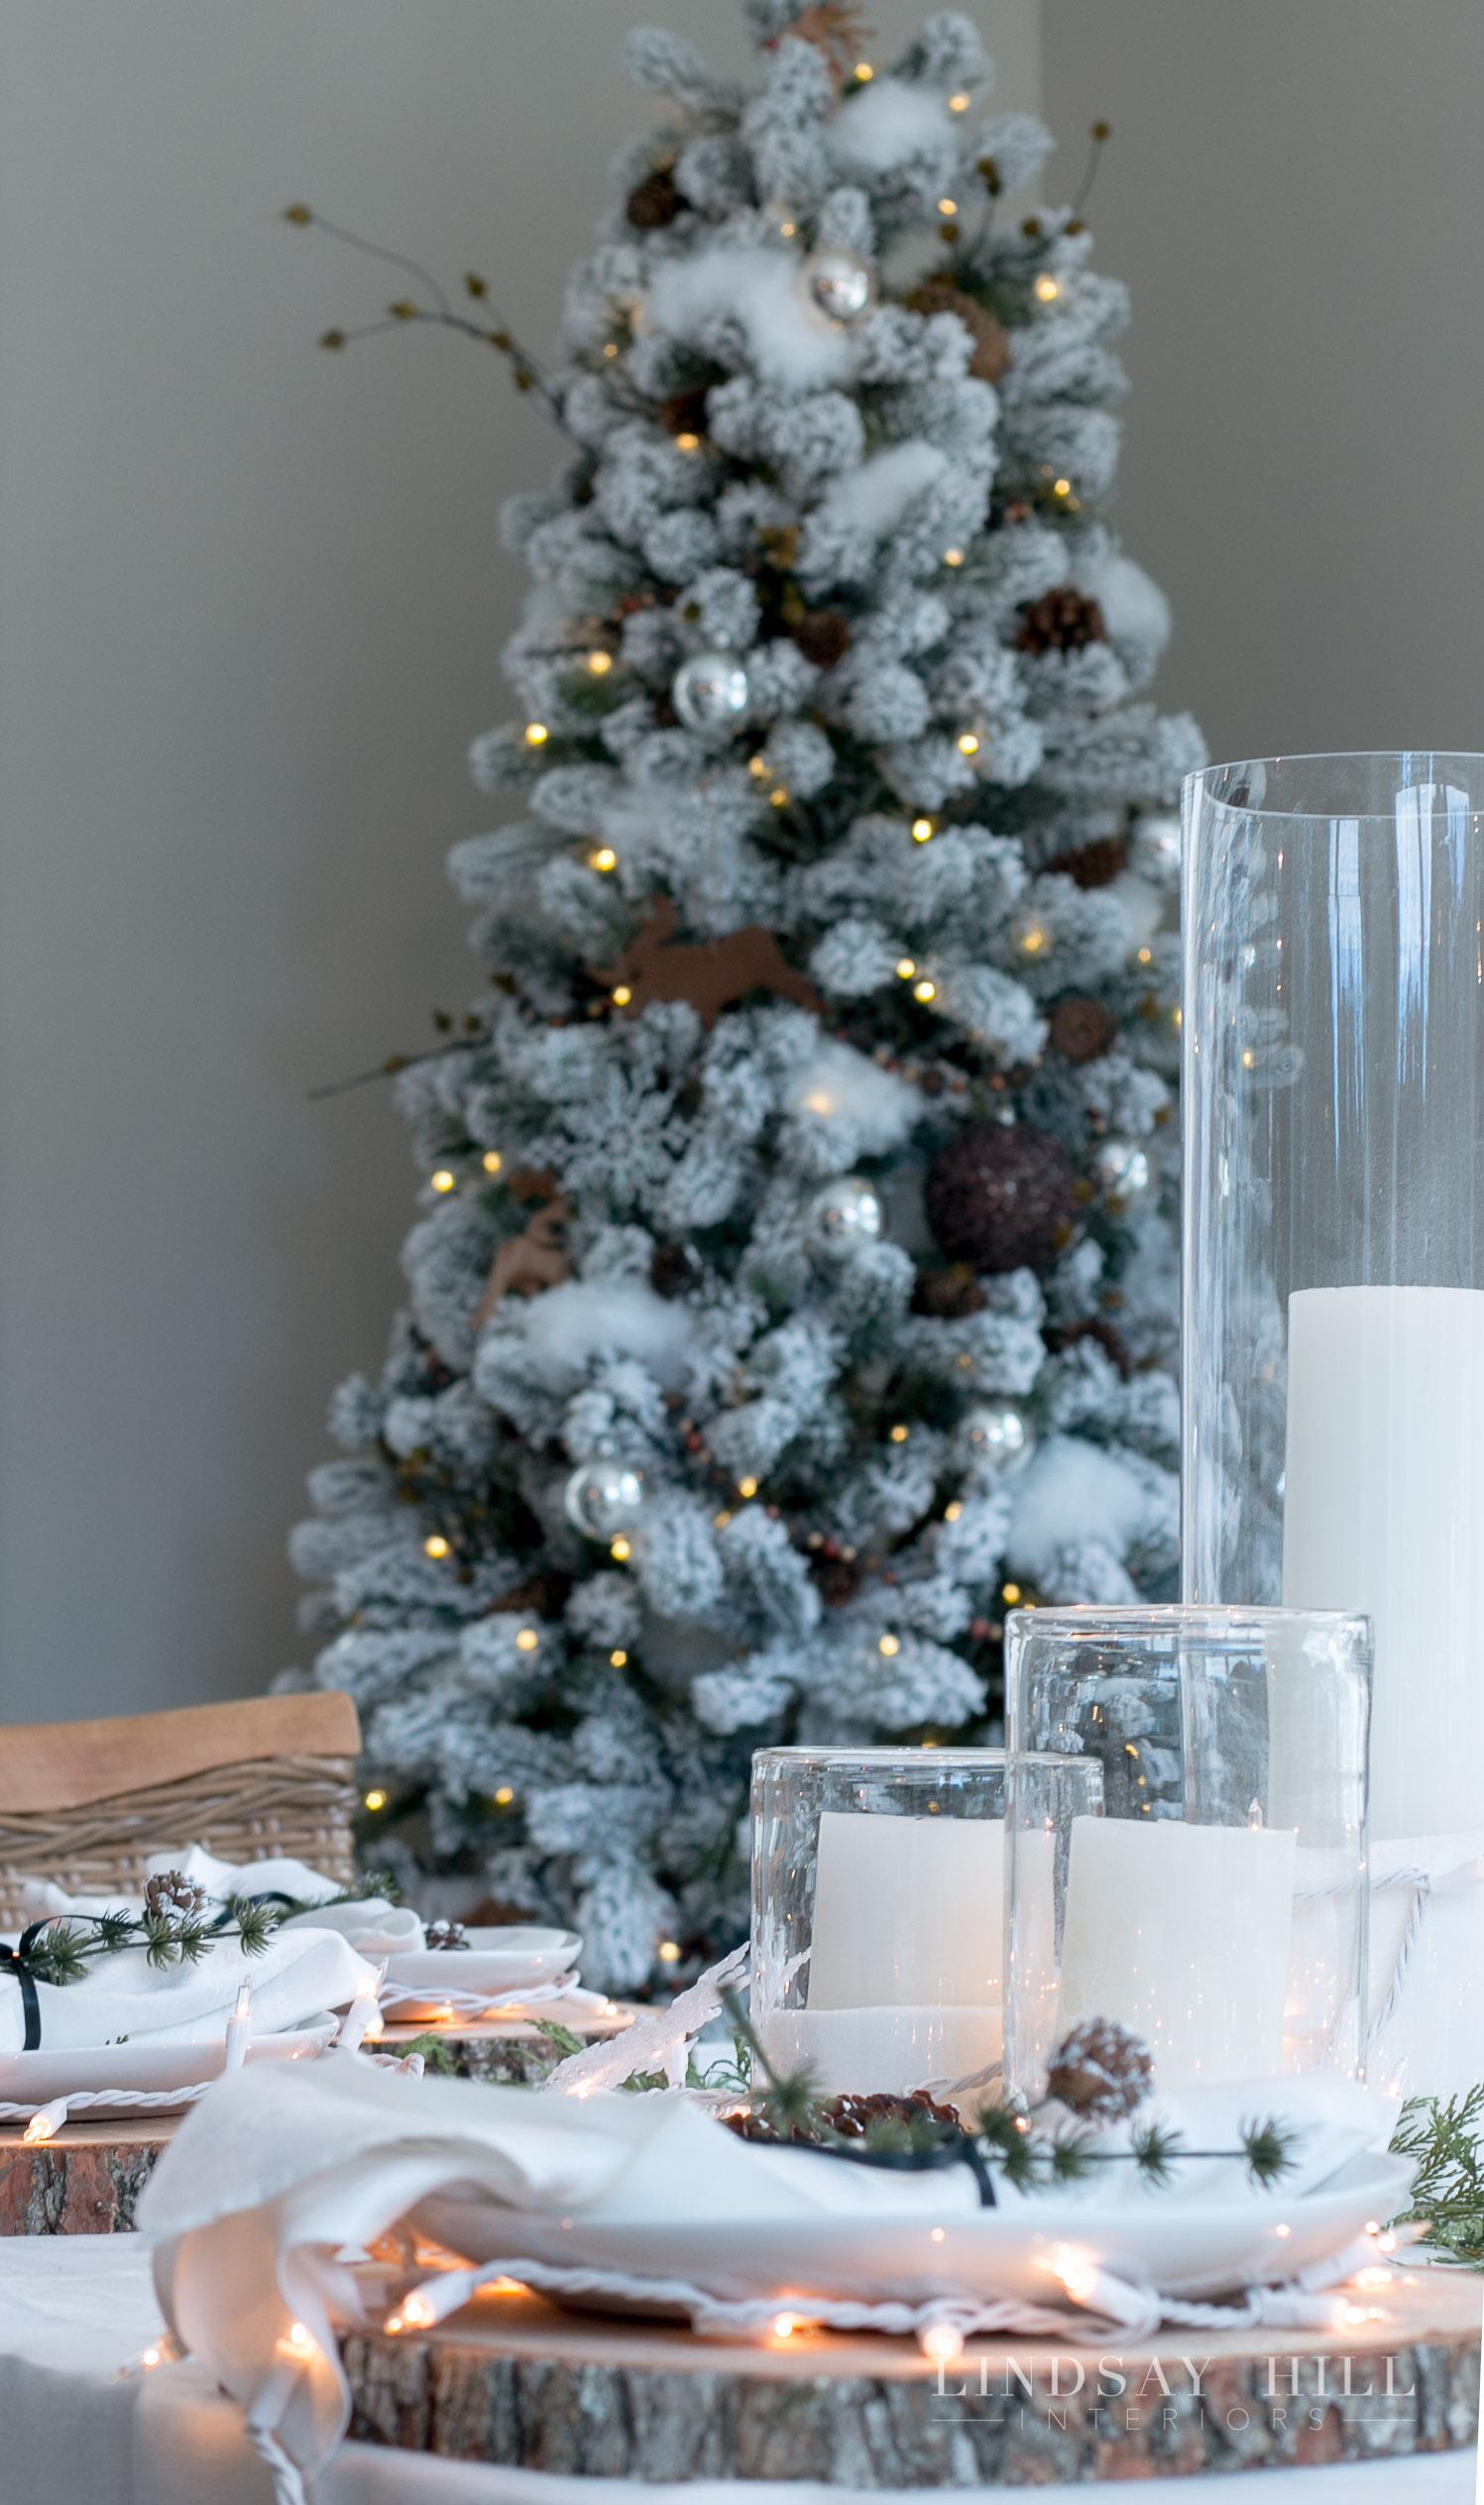 lindsay hill interiors dining room tree